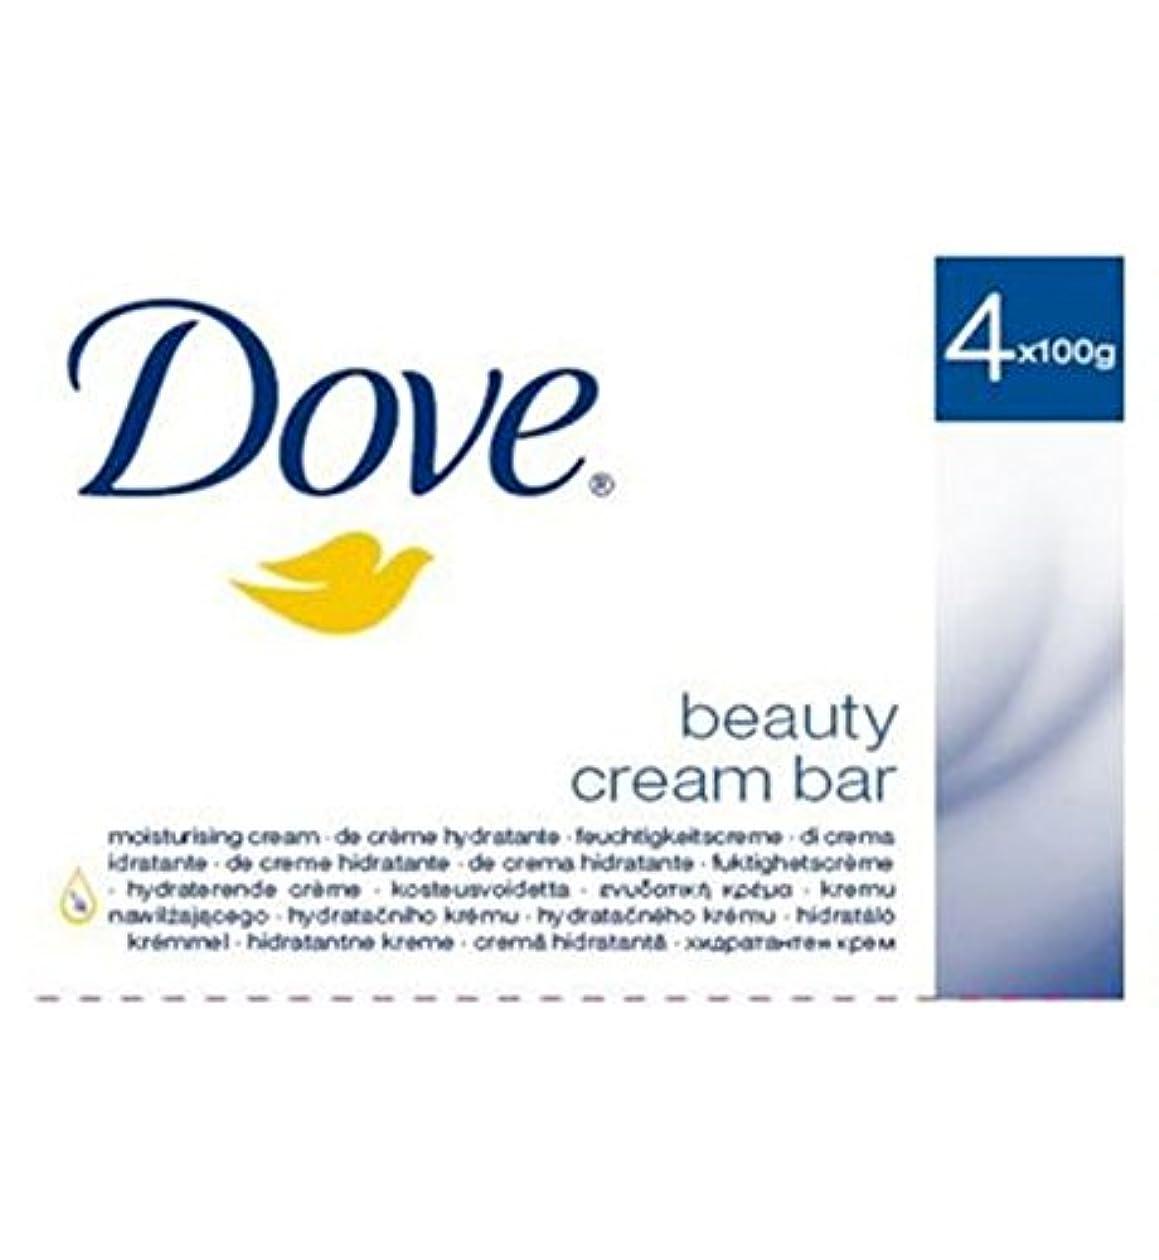 寺院女優サミュエル鳩元の美しさのクリームバー4のX 100グラム (Dove) (x2) - Dove Original Beauty Cream Bar 4 x 100g (Pack of 2) [並行輸入品]